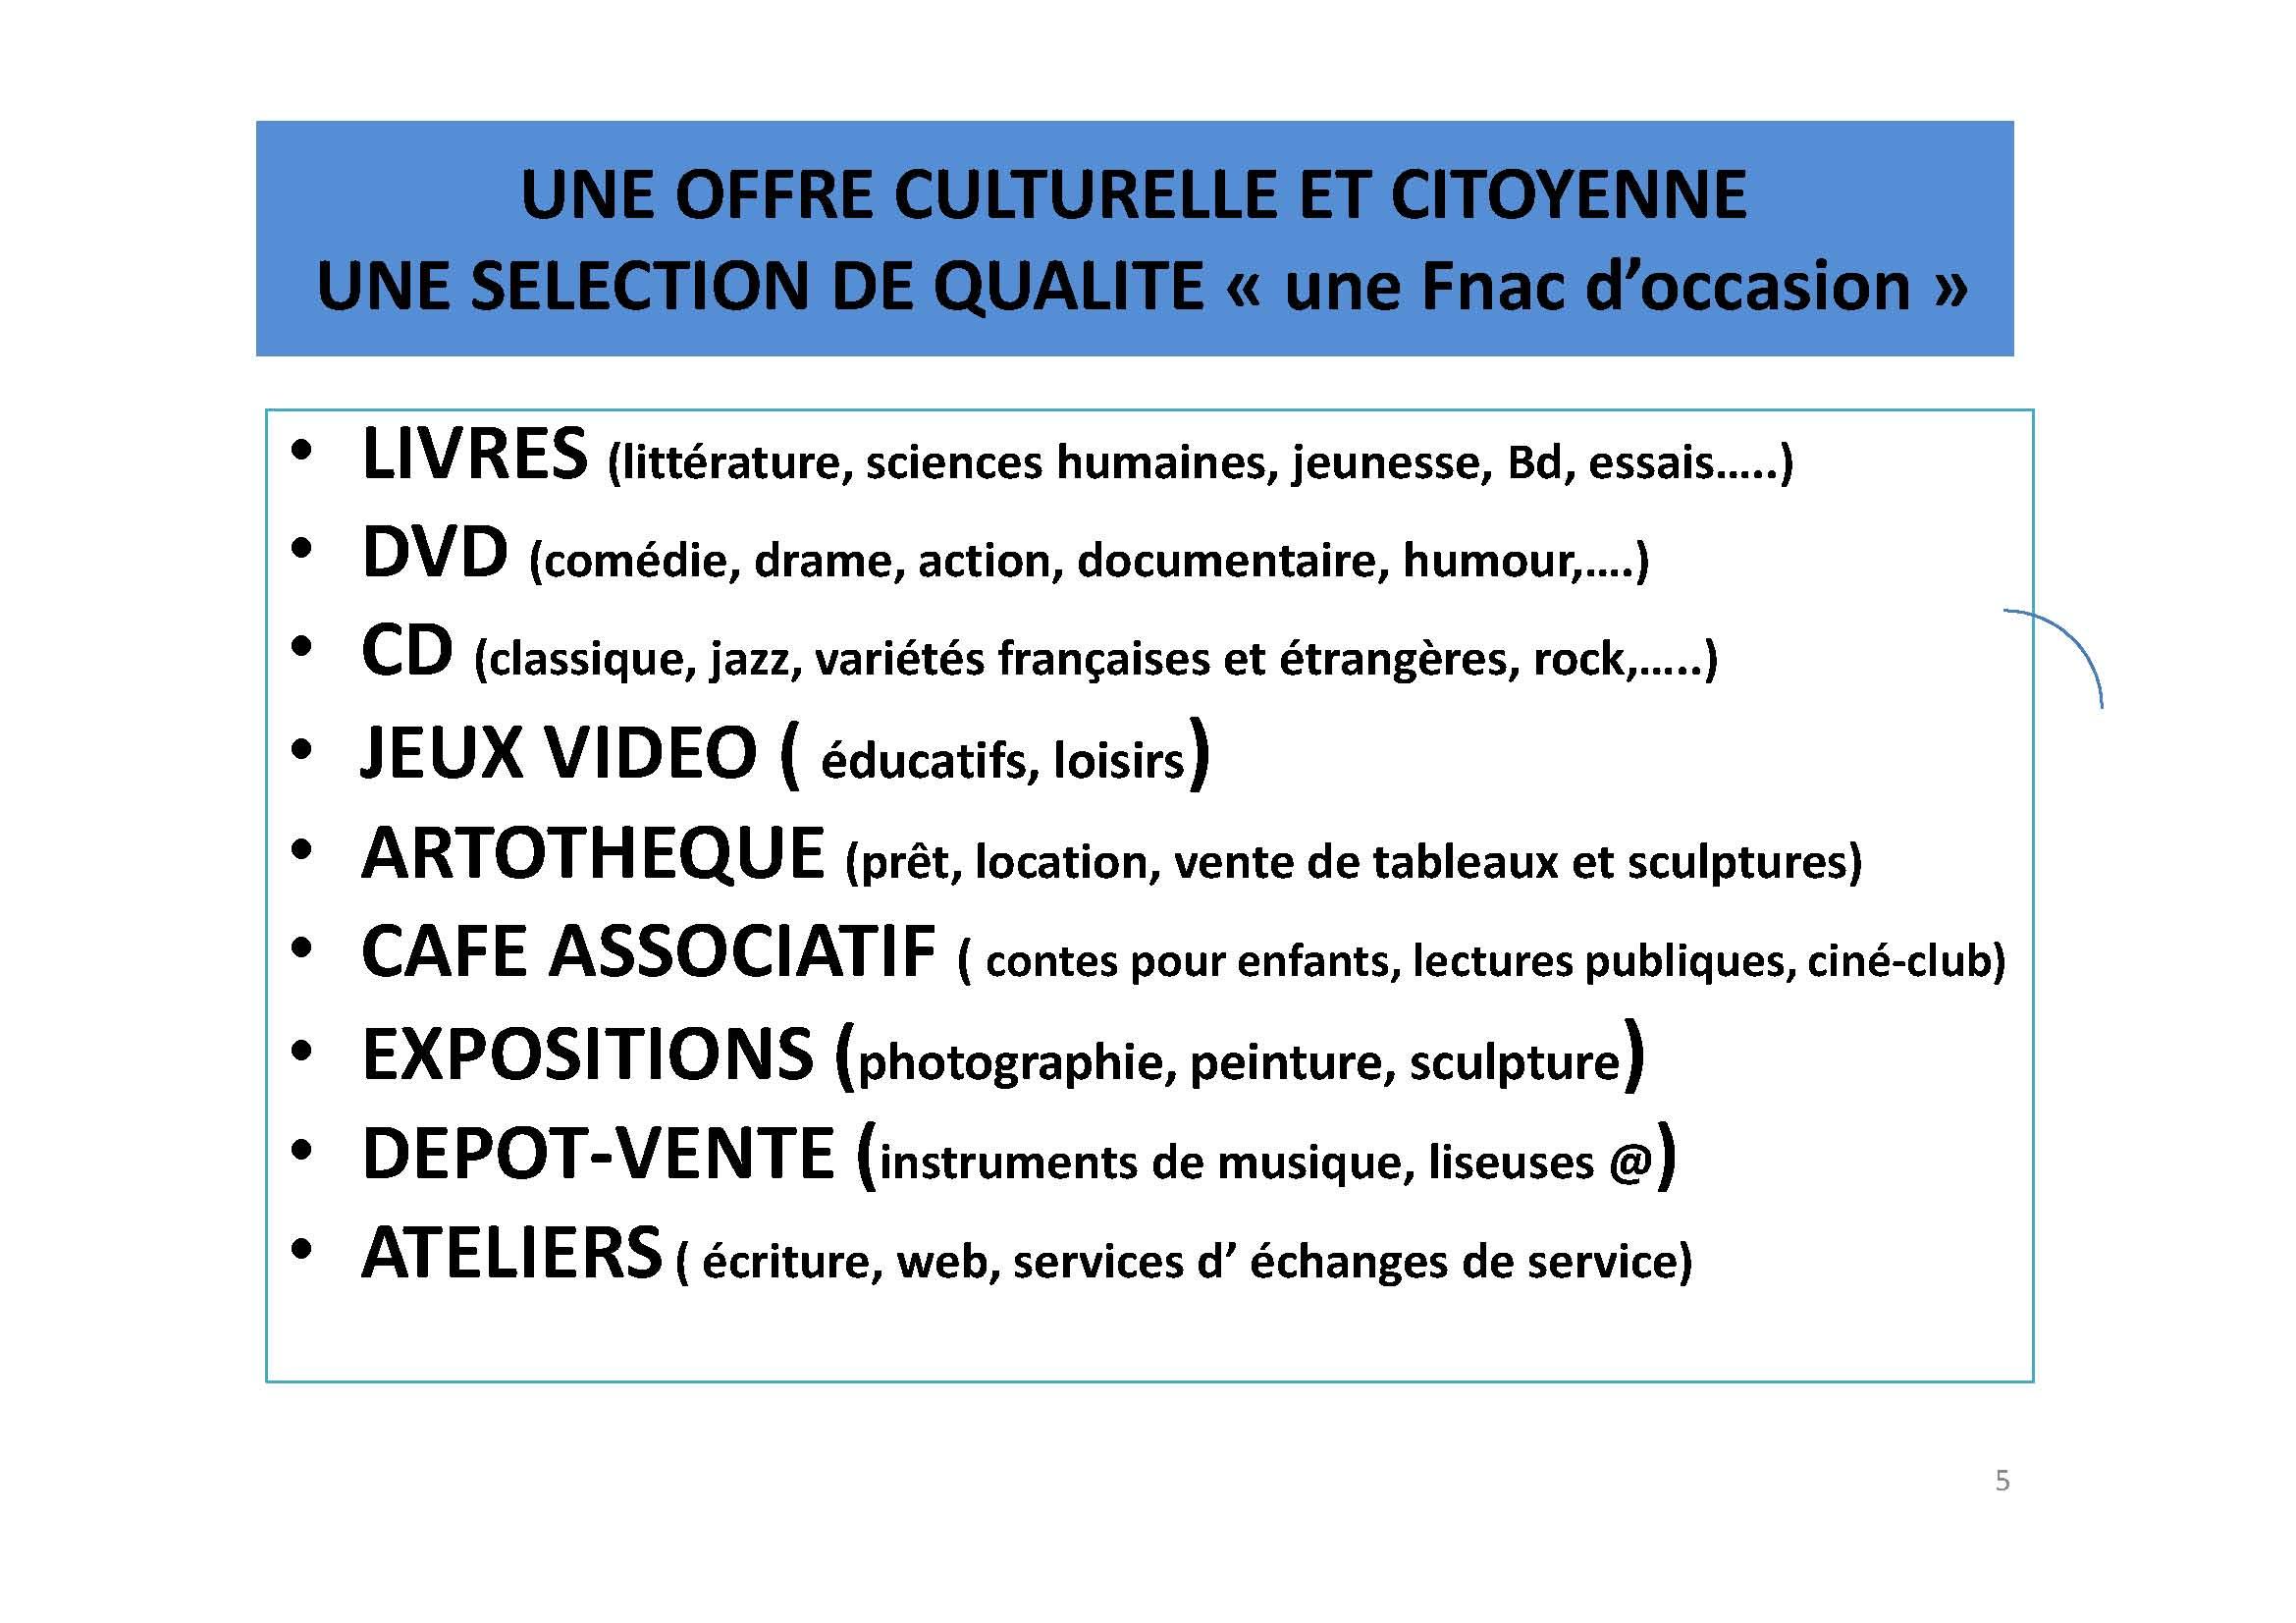 Synthese-La-Table-des-Matières-5